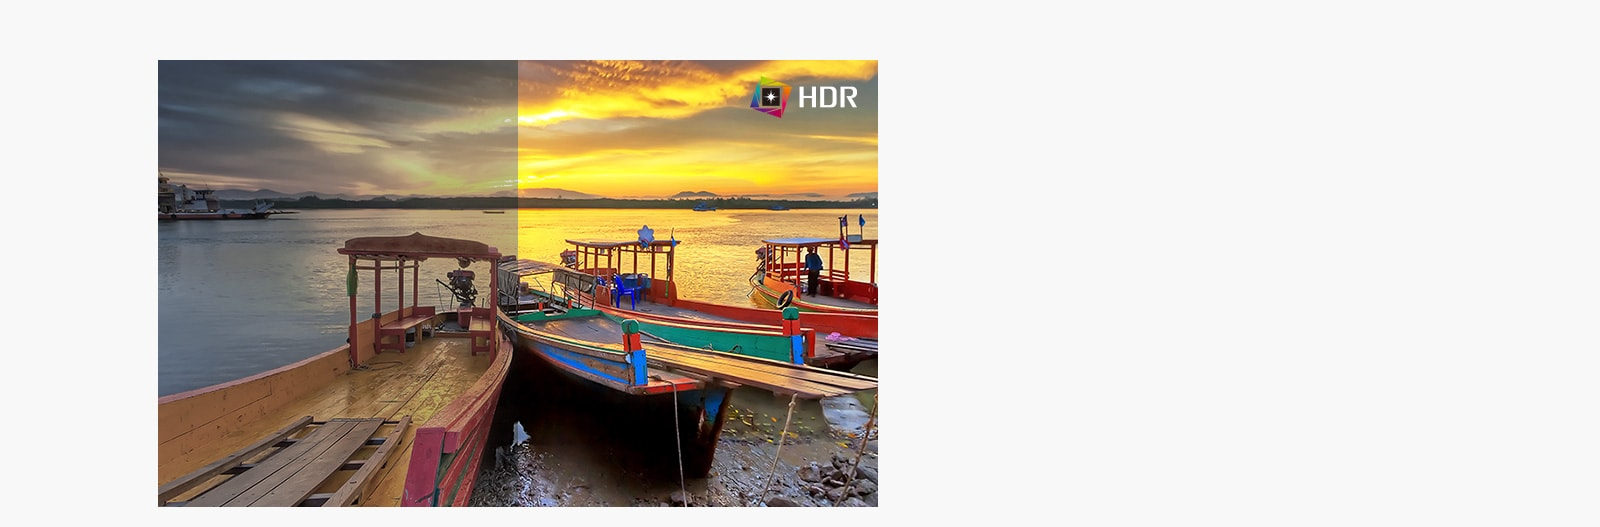 Công nghệ HDR với hình ảnh hiển thị màu sắc ấn tượng khi so sánh với SDR